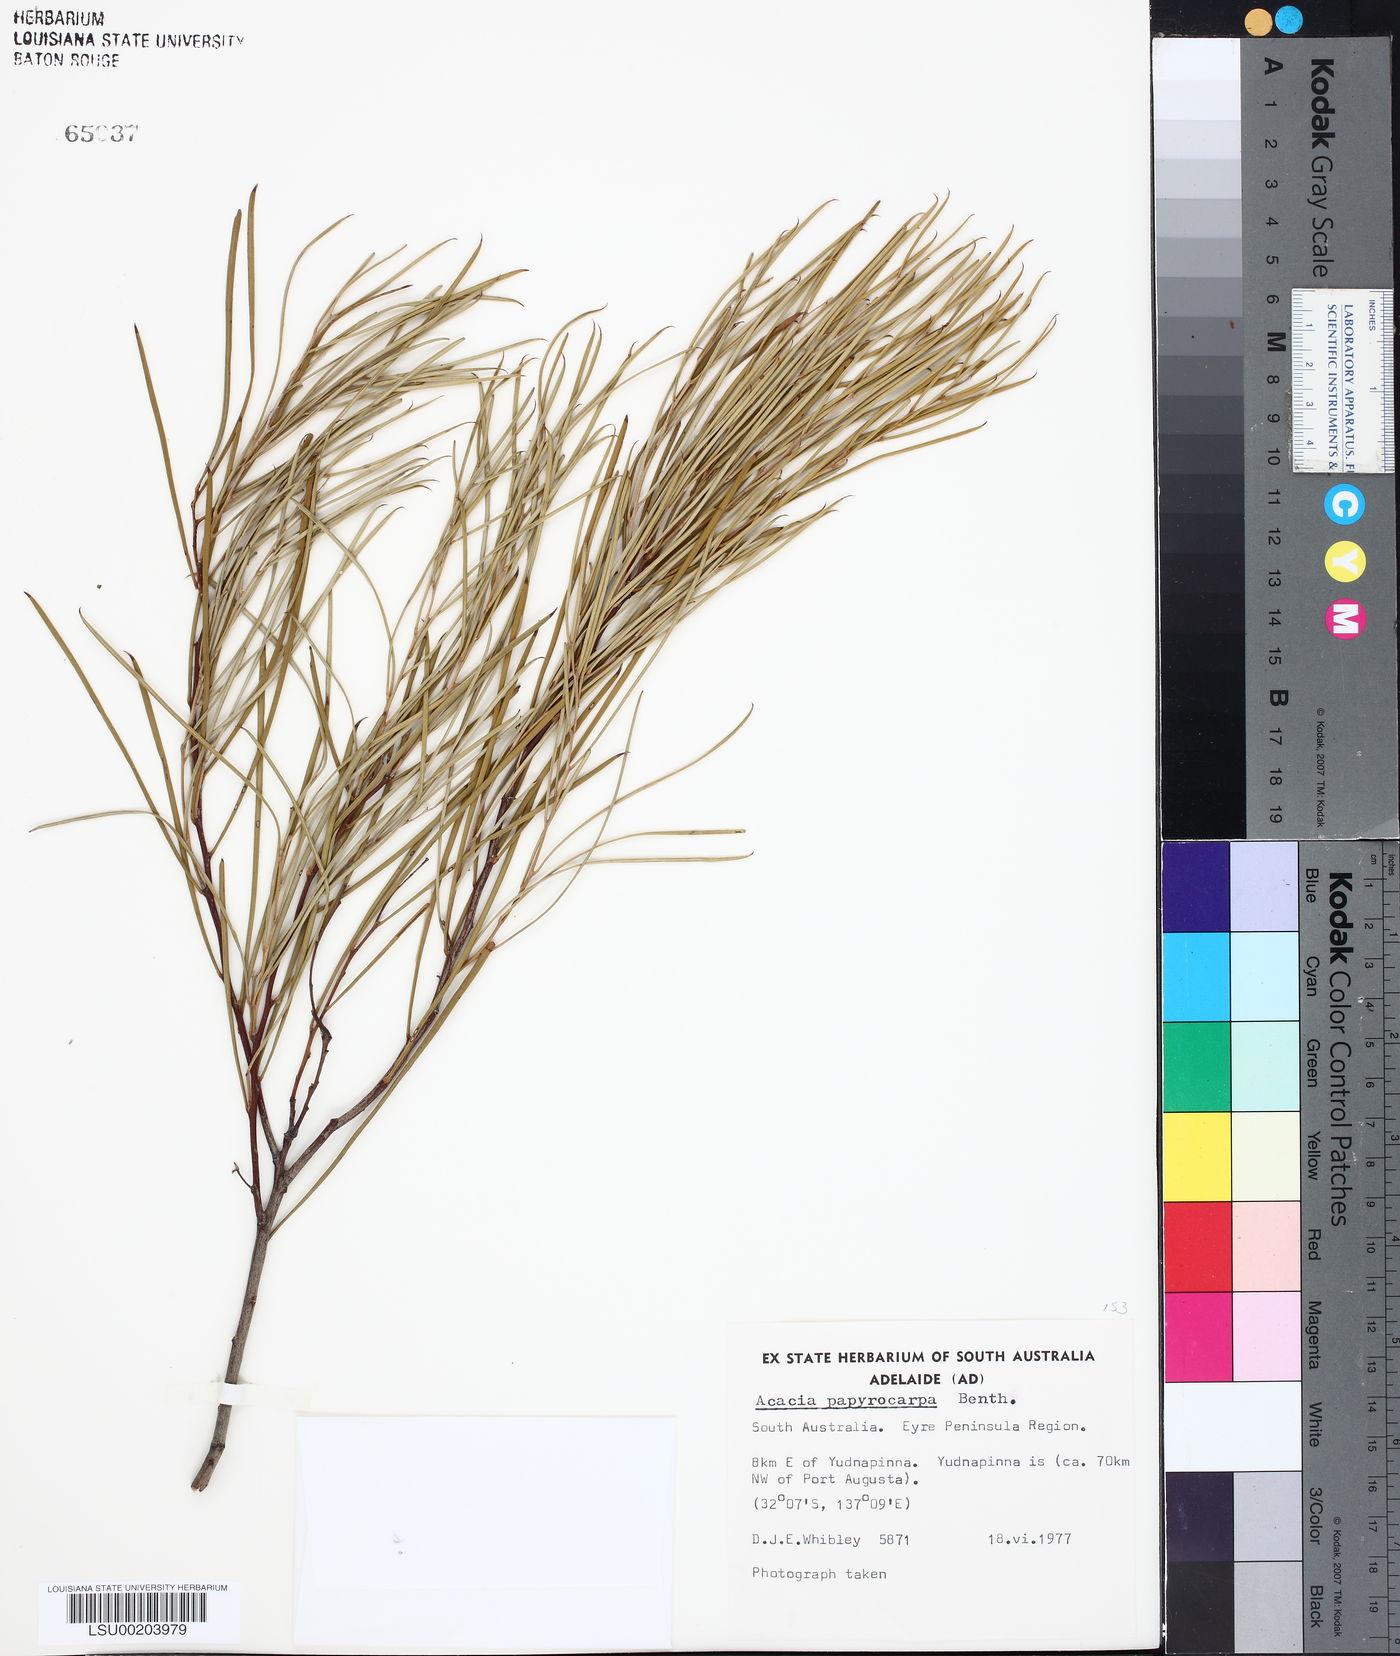 Acacia papyrocarpa image